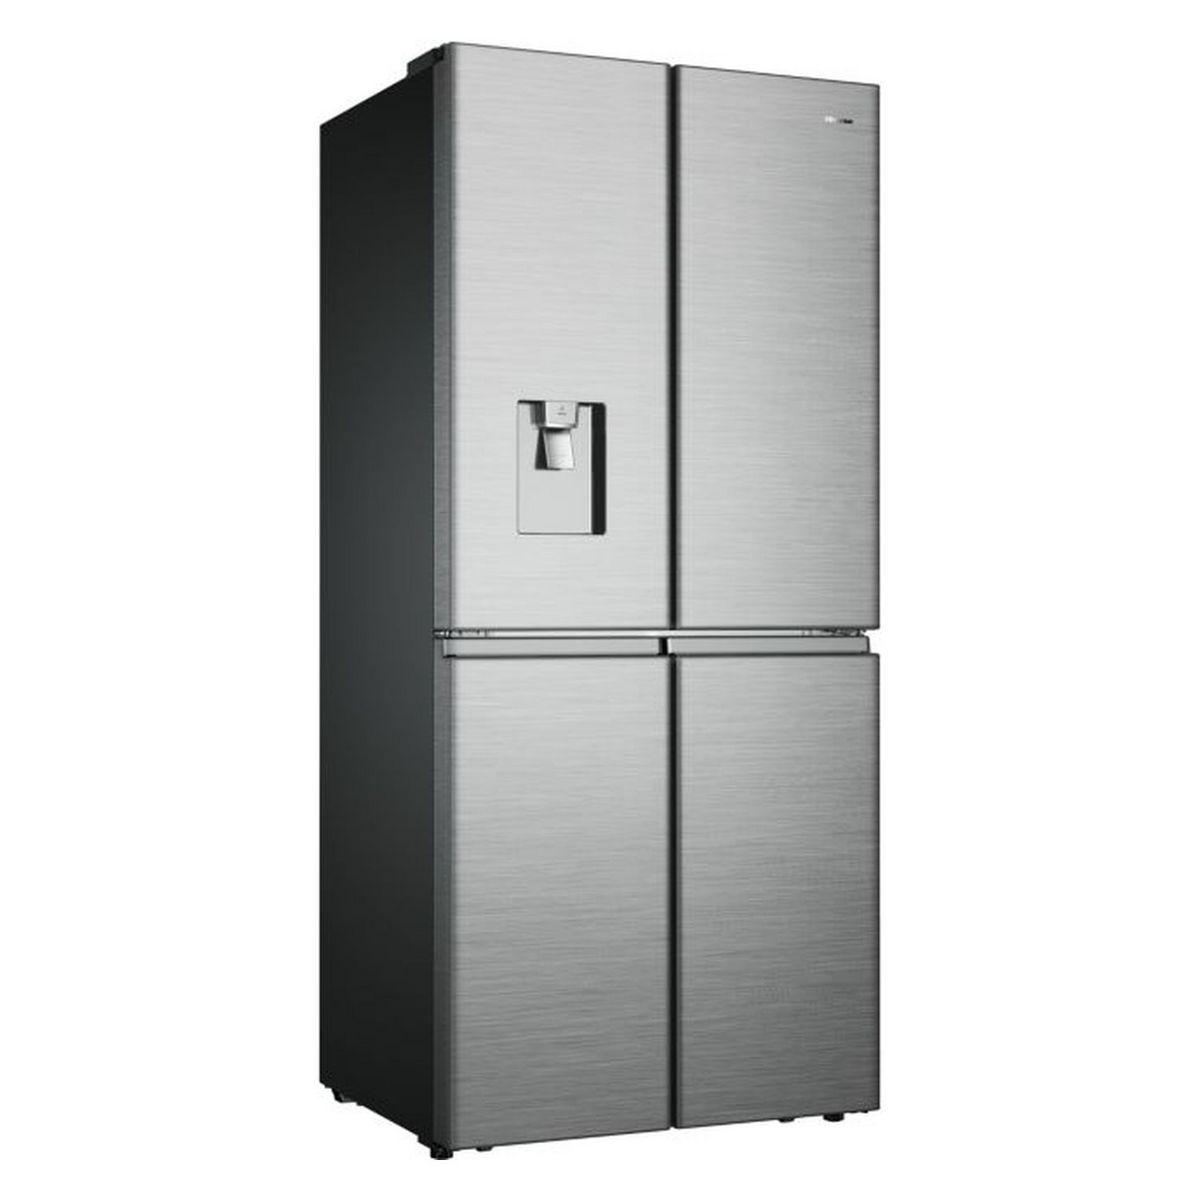 Réfrigérateur multiportes RQ563N4WSI1, 432 L, Froid no frost